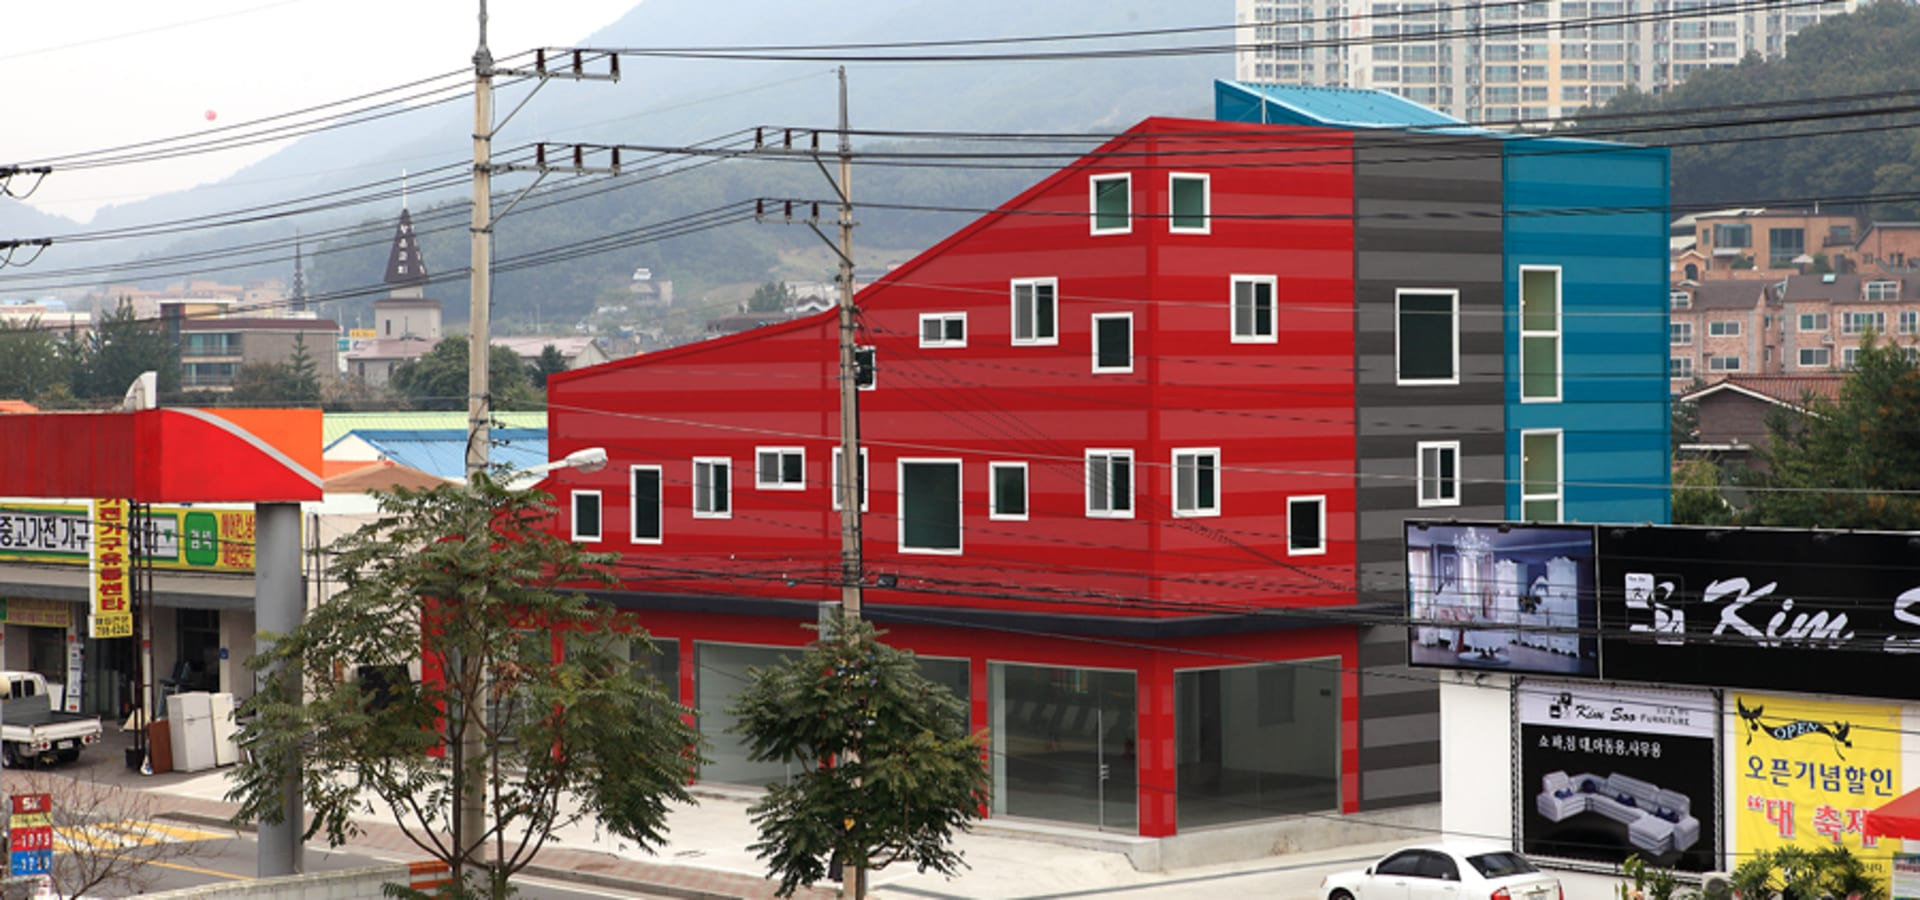 현앤전 건축사 사무소(HYUN AND JEON ARCHITECTURAL OFFICE )